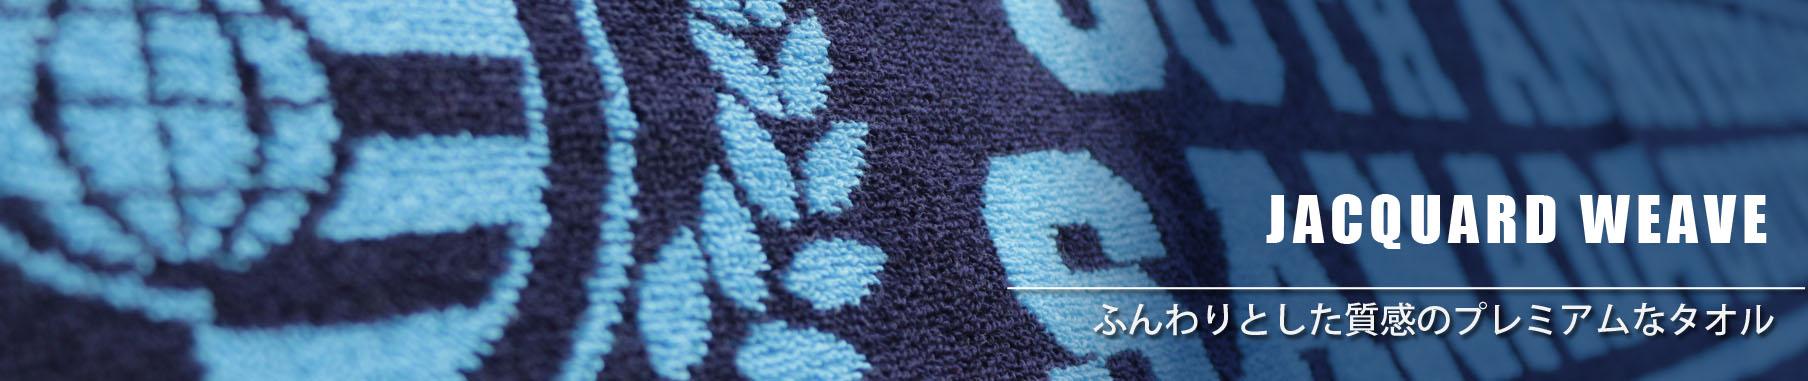 2色糸織り(ジャガード)